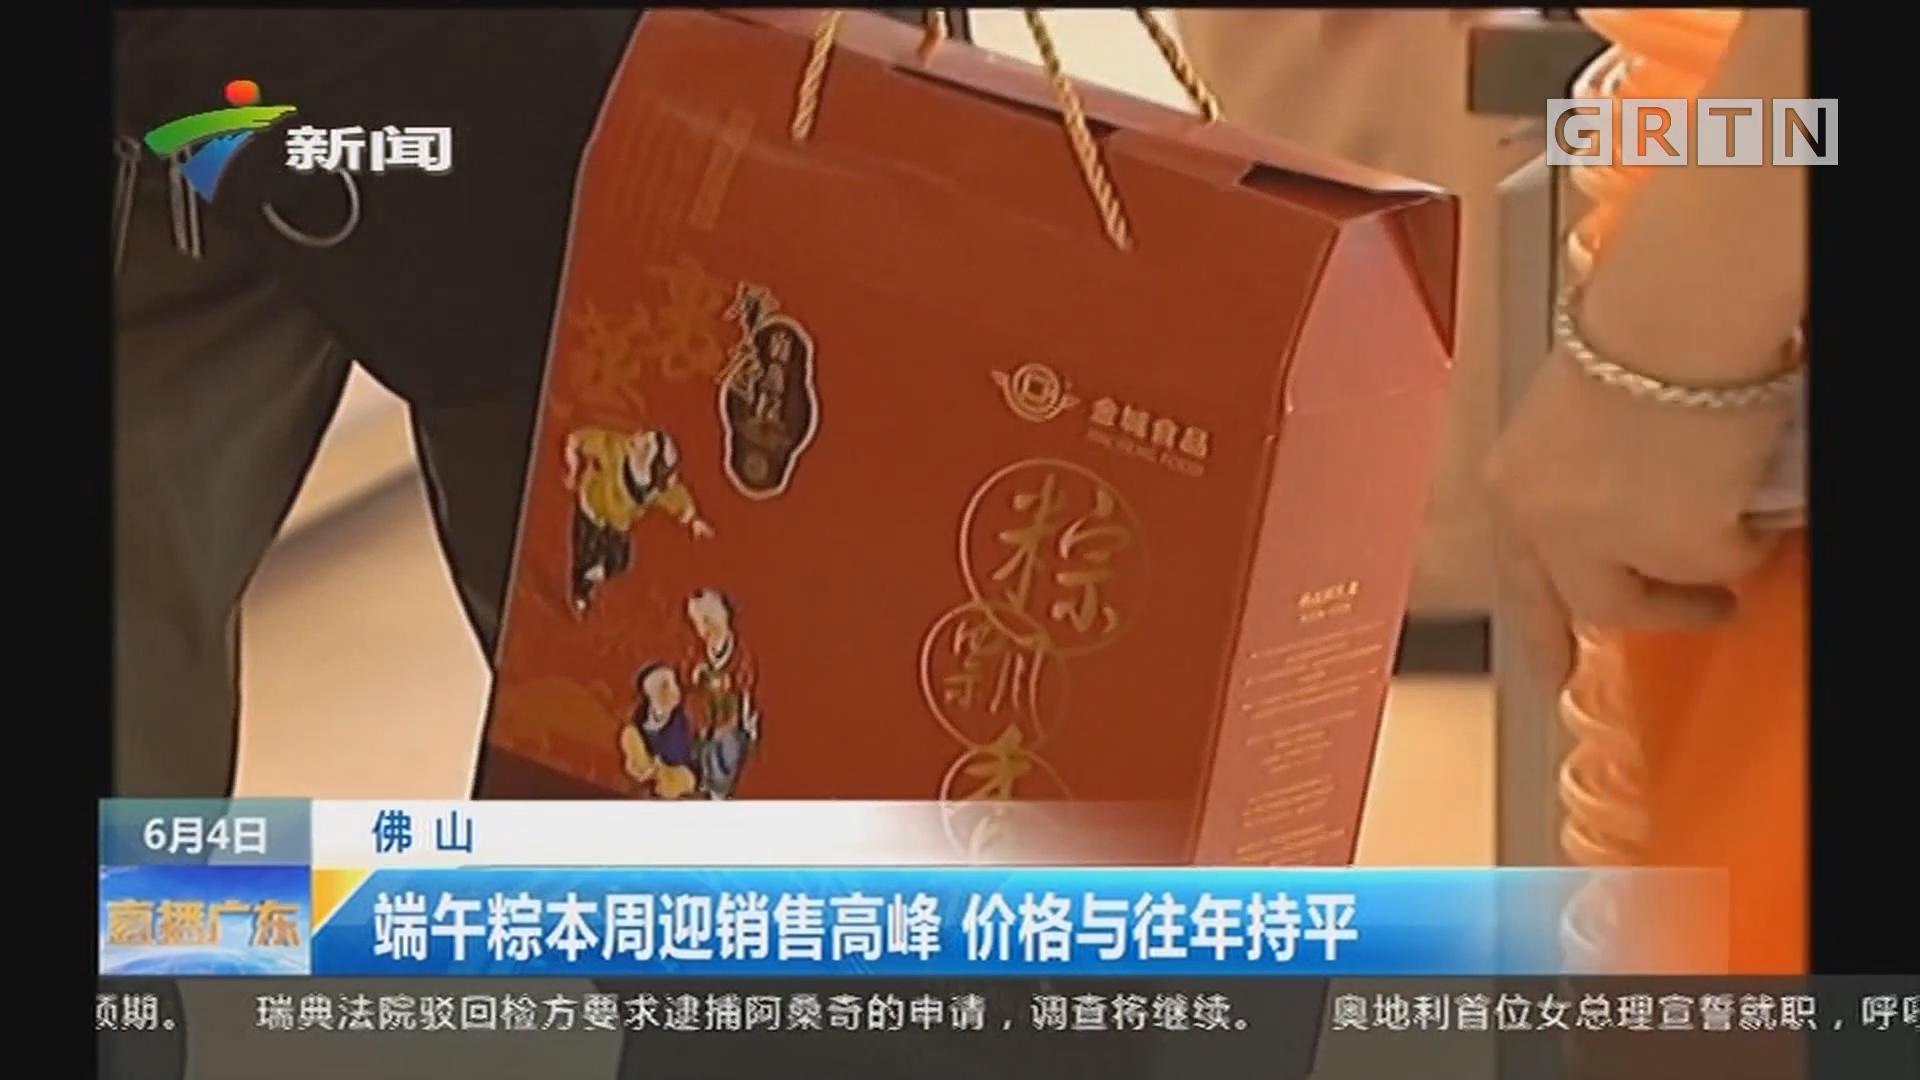 佛山:端午粽本周迎销售高峰 价格与往年持平